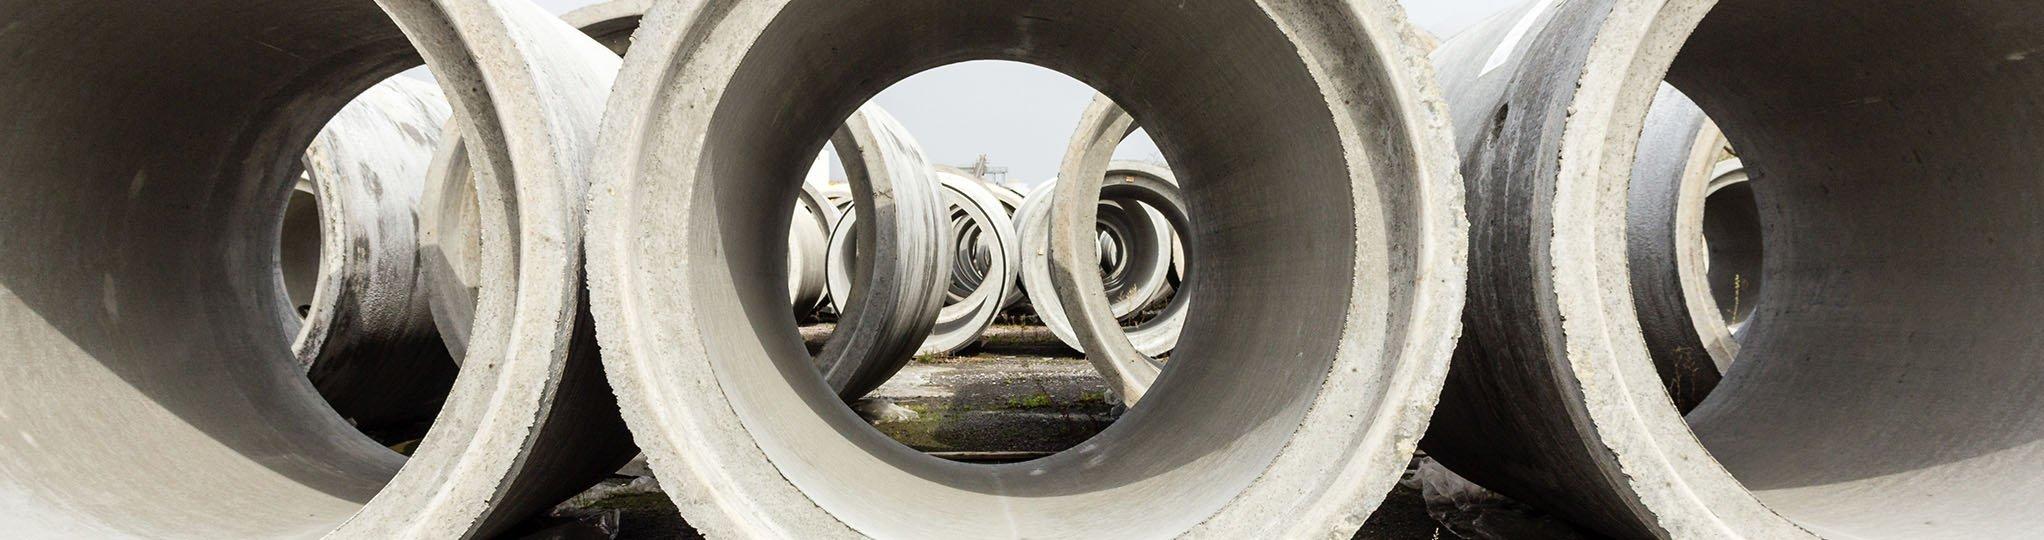 concrete pipe header-2